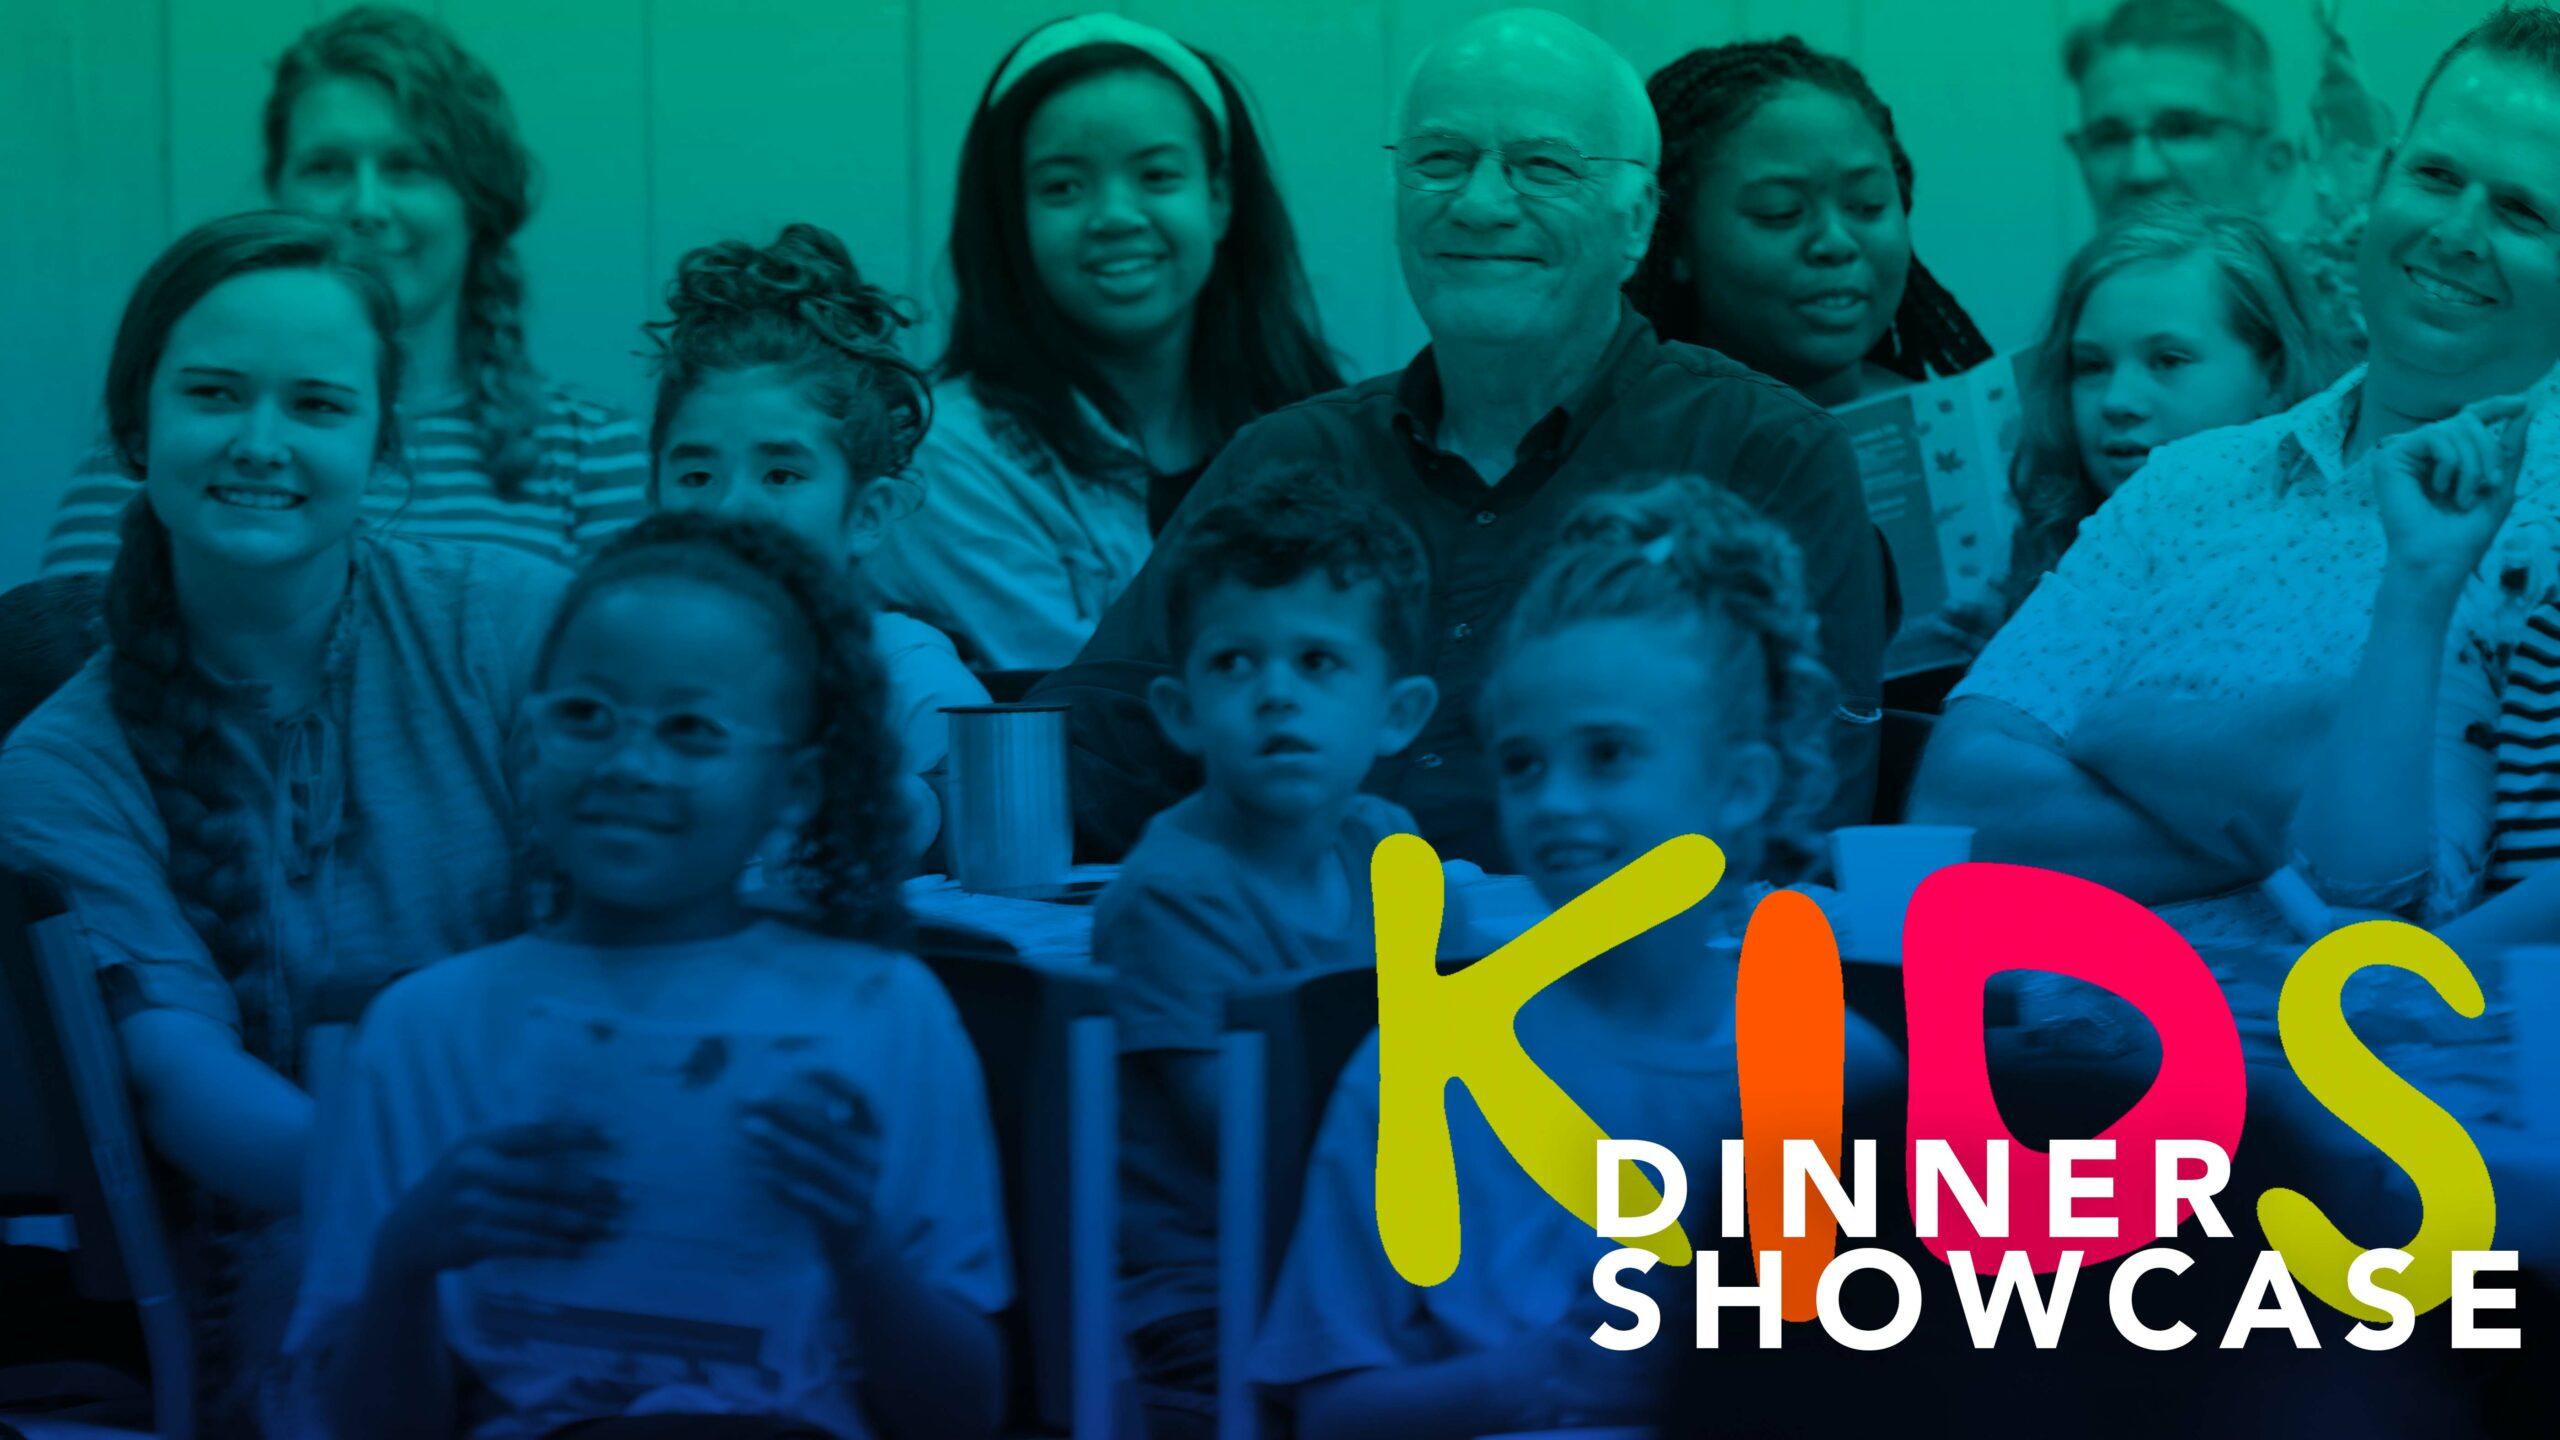 Calvary Kids Dinner Showcase 2021